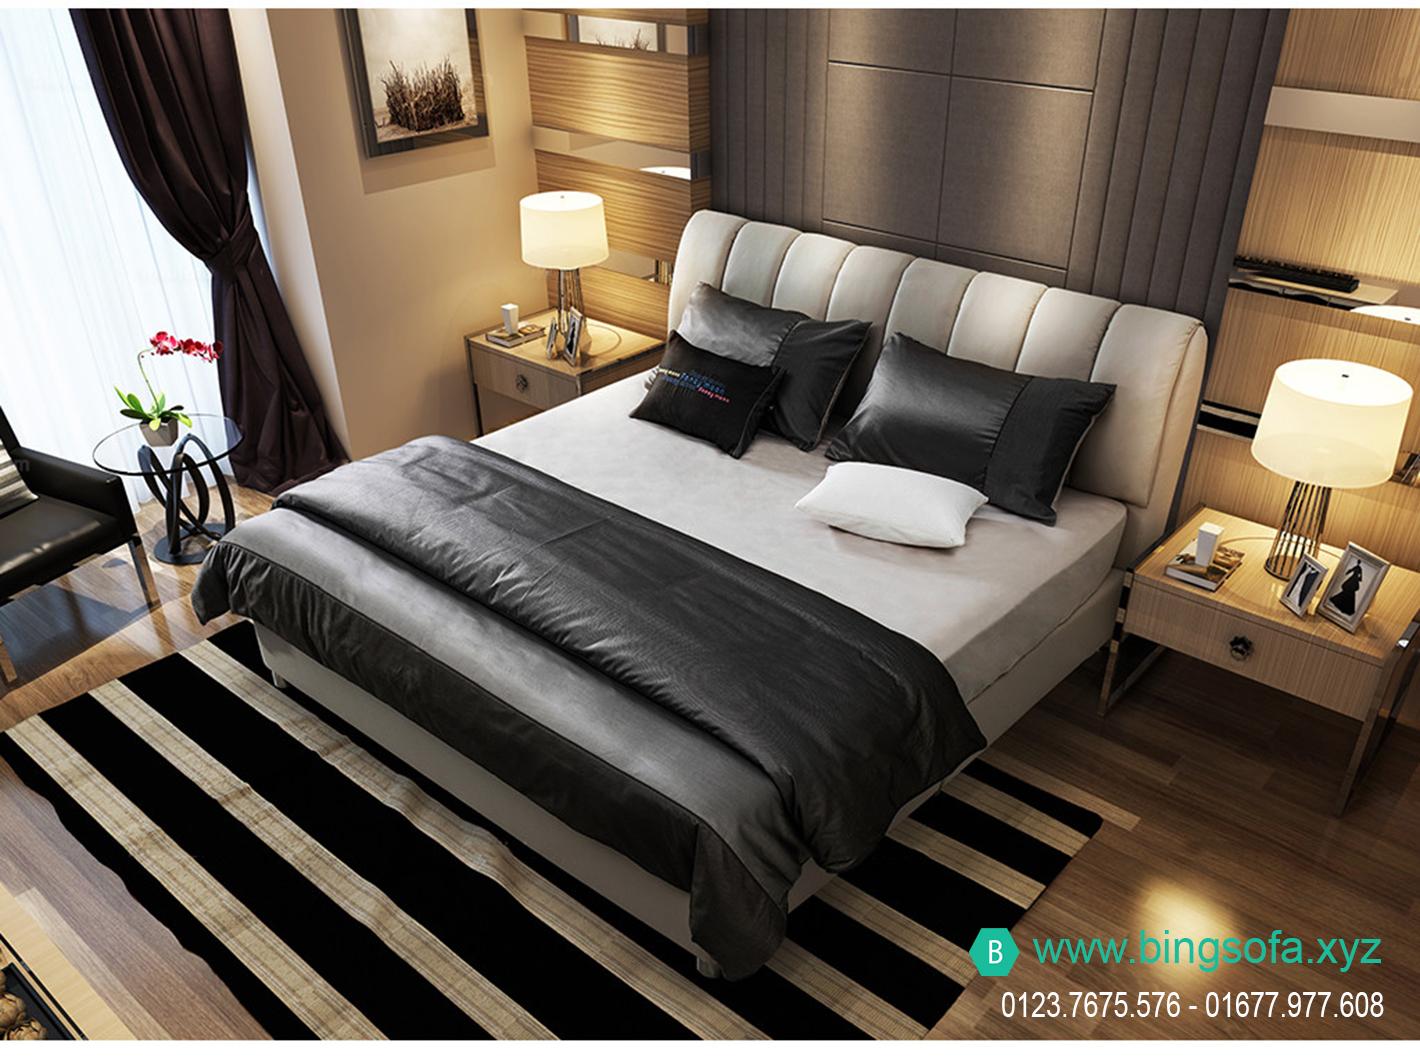 Giường ngủ bọc nỉ hiện đại